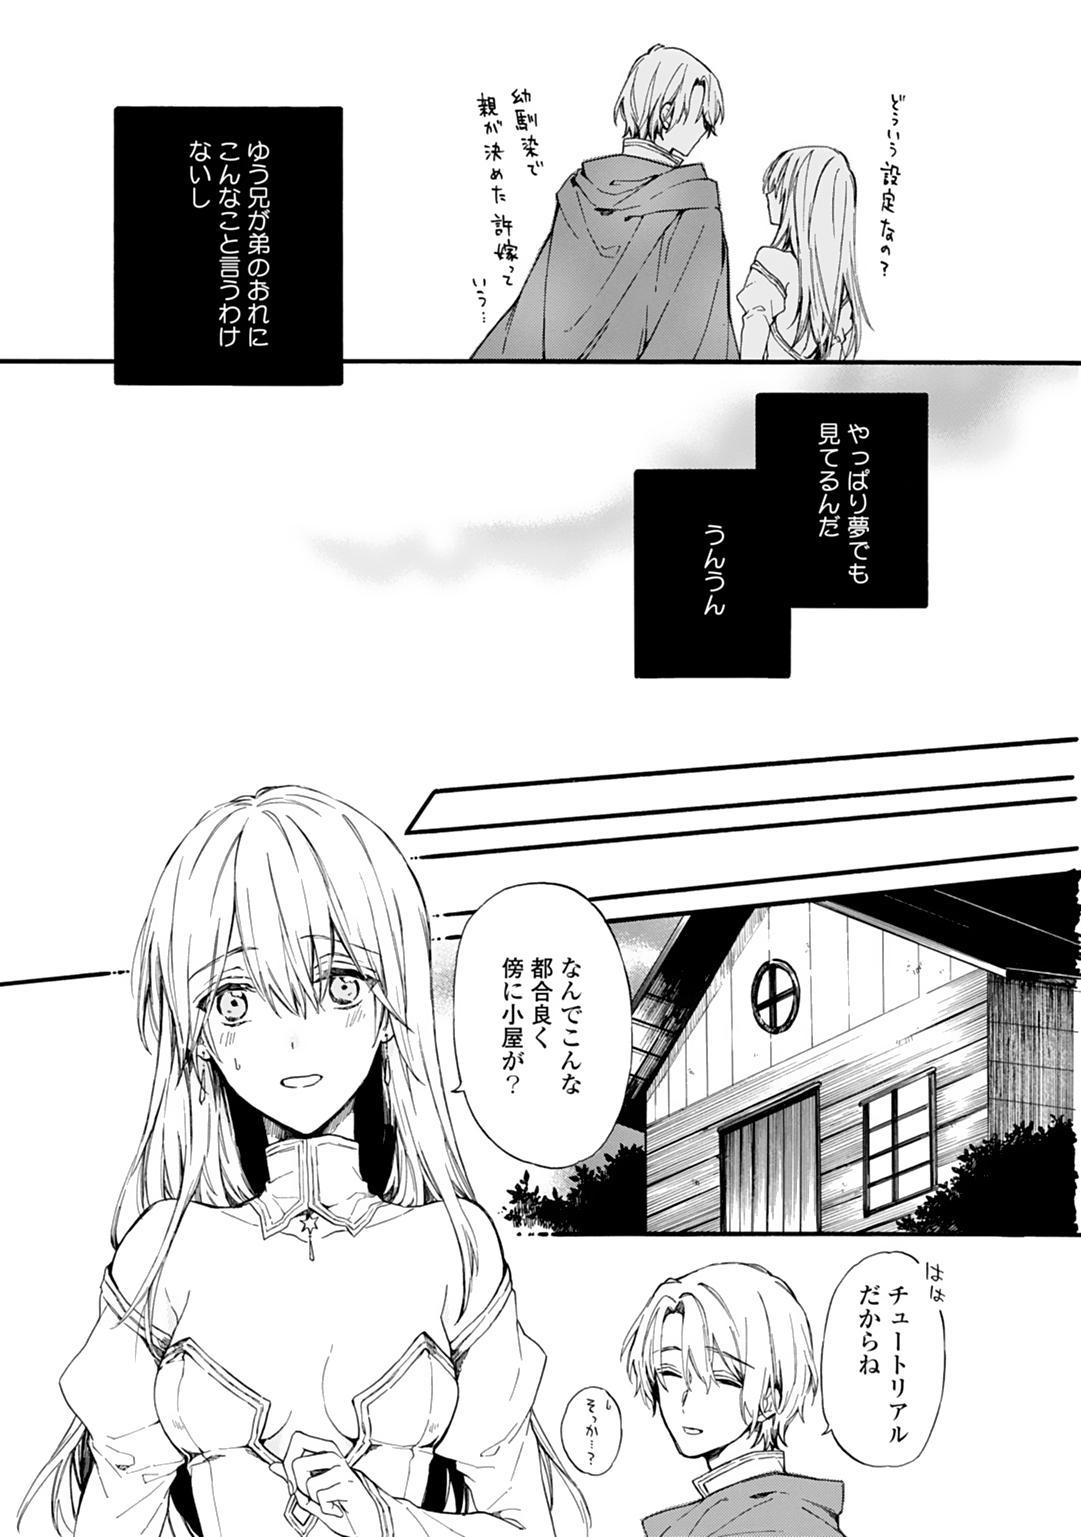 [Suzushiro Nerita] Otomege (18-kin) de Nyotaika shita Ore wa ~Clear Jouken wa Dekiai Ecchi!?~ 1-2 17